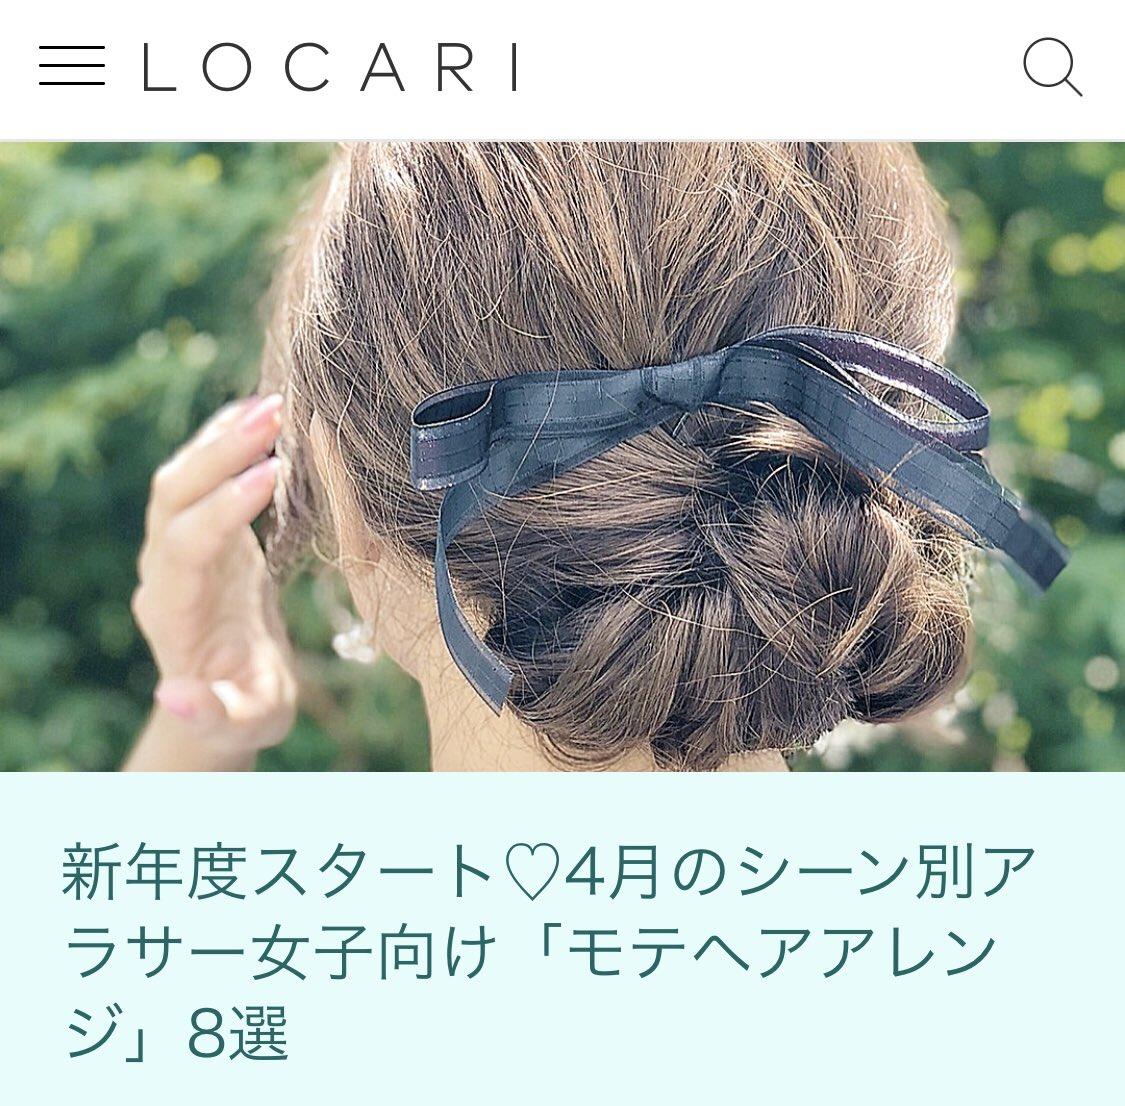 新年度スタート♡4月のシーン別アラサー女子向け「モテヘアアレンジ」8選  @locari_jpより#ロカリ #LOCARI #ピックアップ #オフィスヘアアレンジ #モテヘアアレンジ